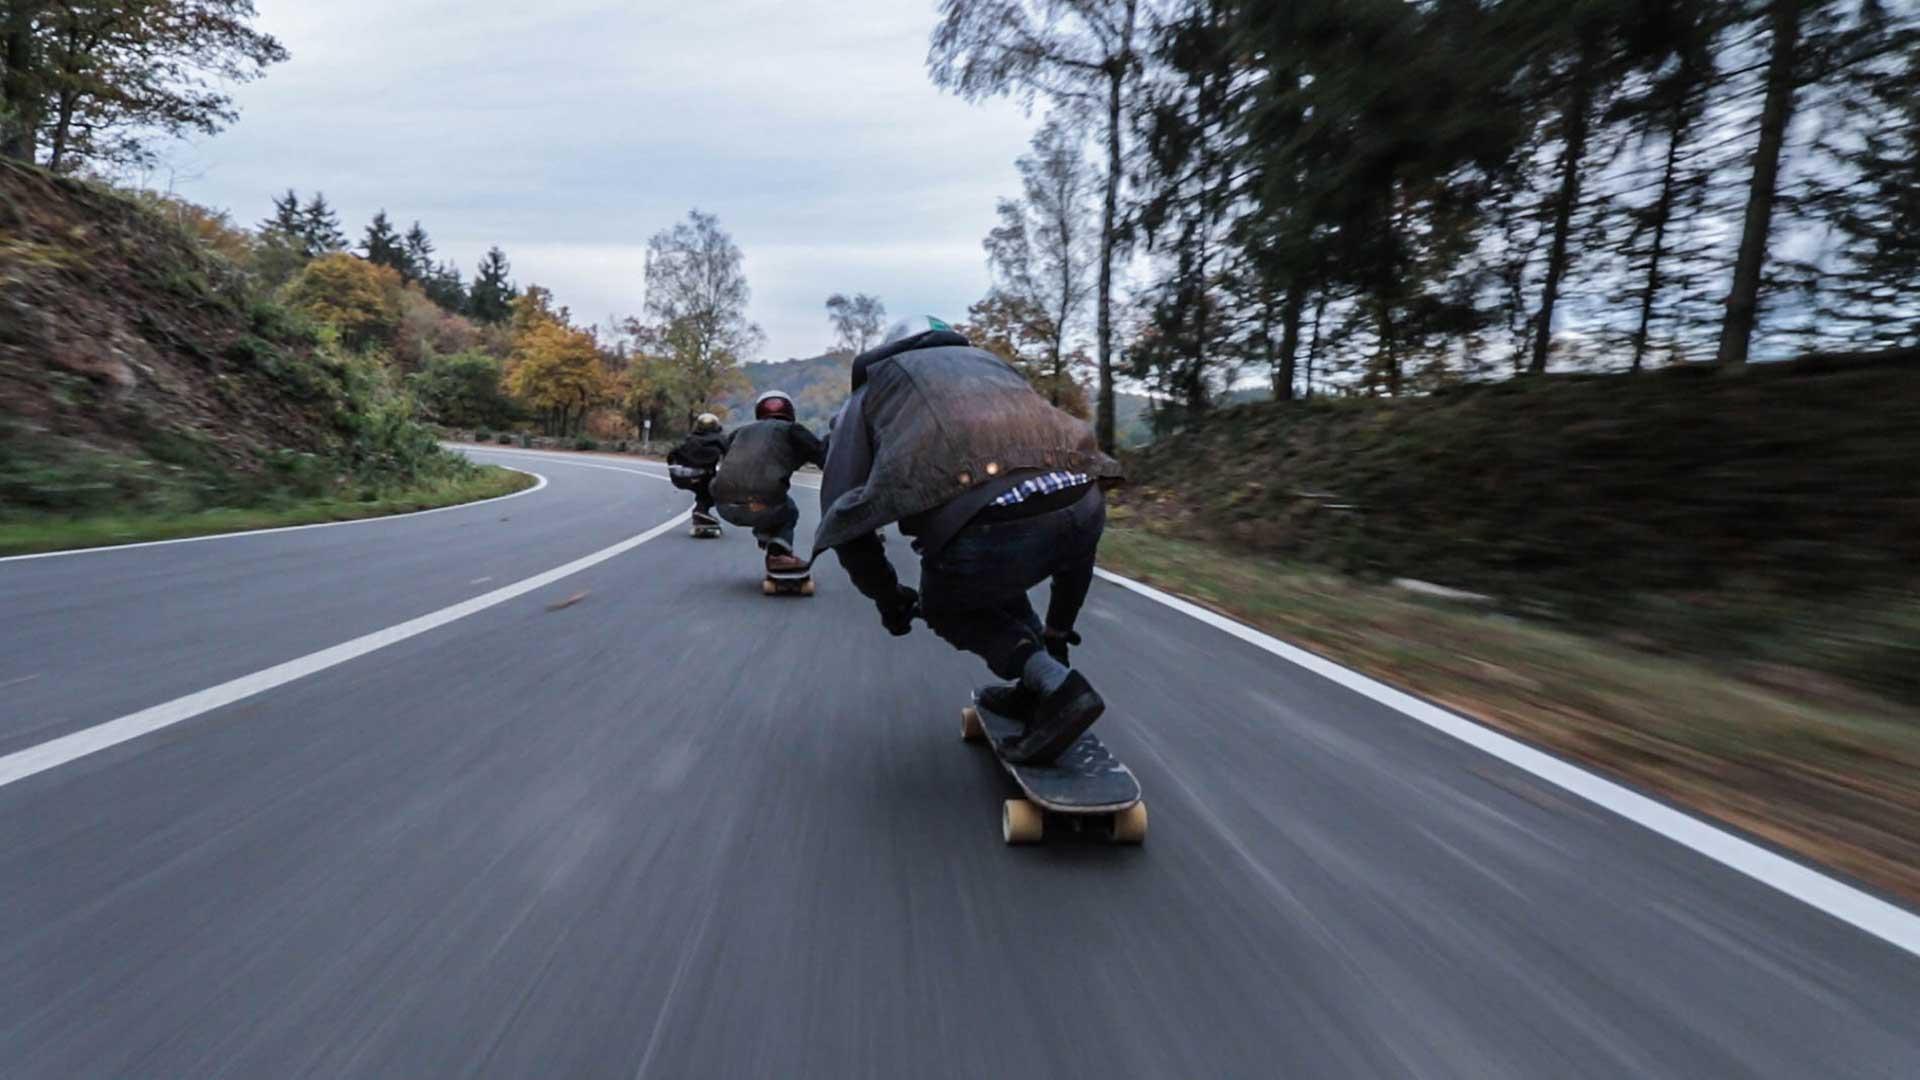 Rush Ride